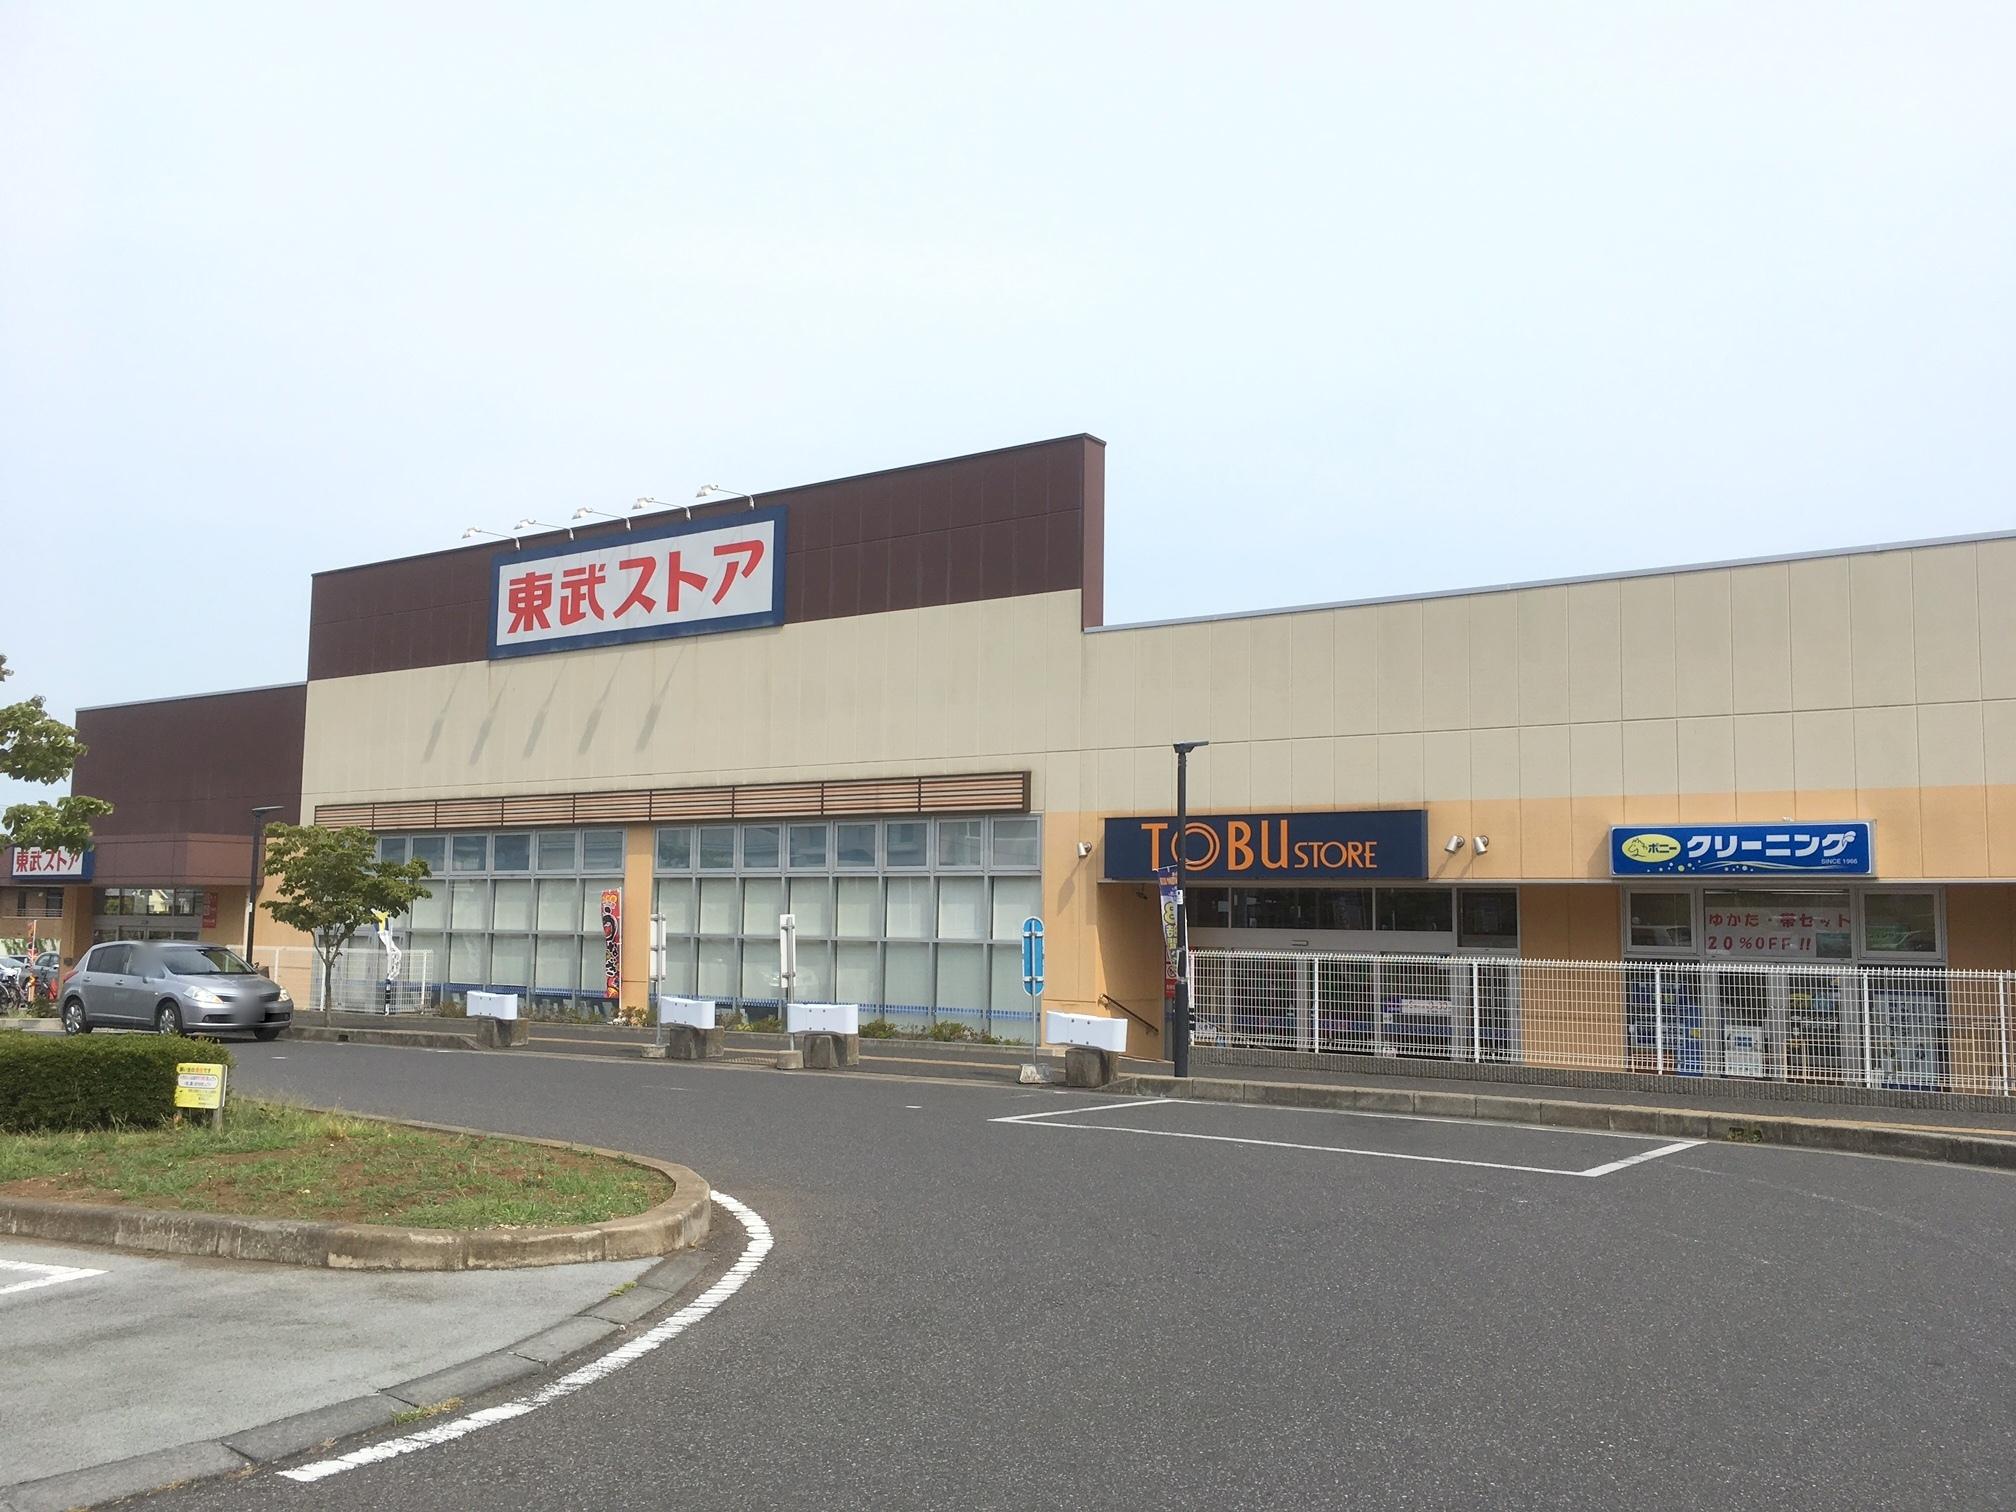 スーパー:東武ストア逆井店 460m